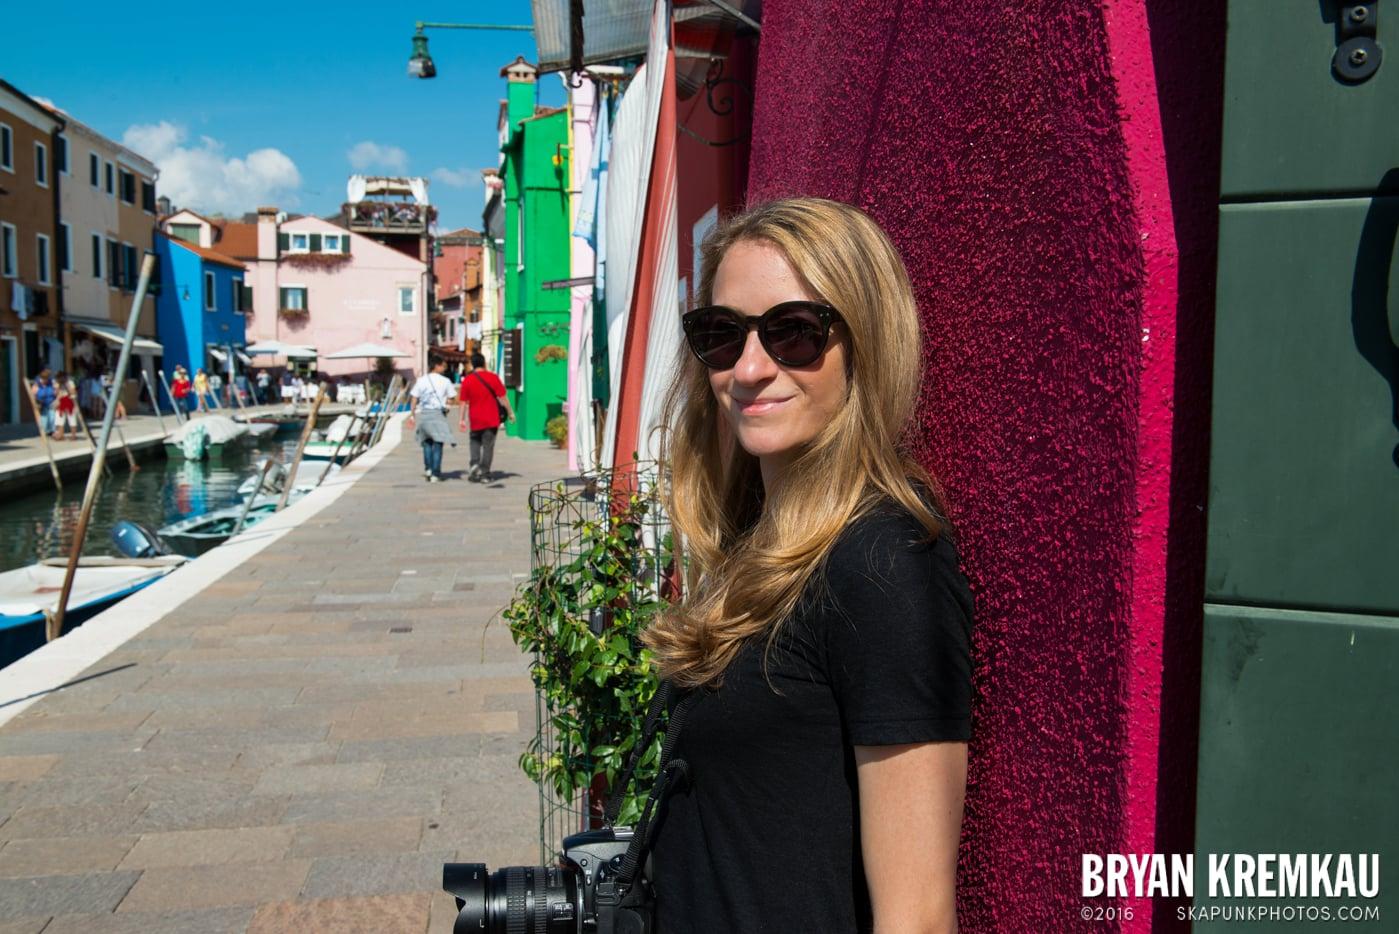 Italy Vacation - Day 6: Murano, Burano, Venice - 9.14.13 (30)